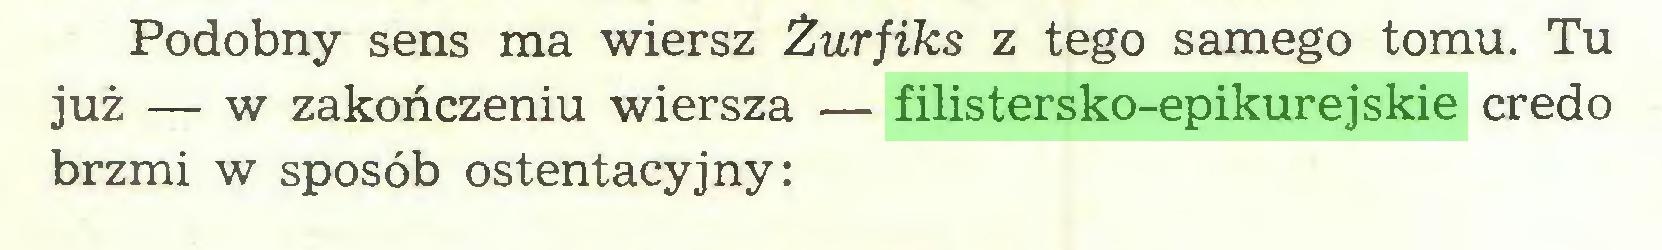 (...) Podobny sens ma wiersz Żurfiks z tego samego tomu. Tu już — w zakończeniu wiersza — filistersko-epikurejskie credo brzmi w sposób ostentacyjny:...